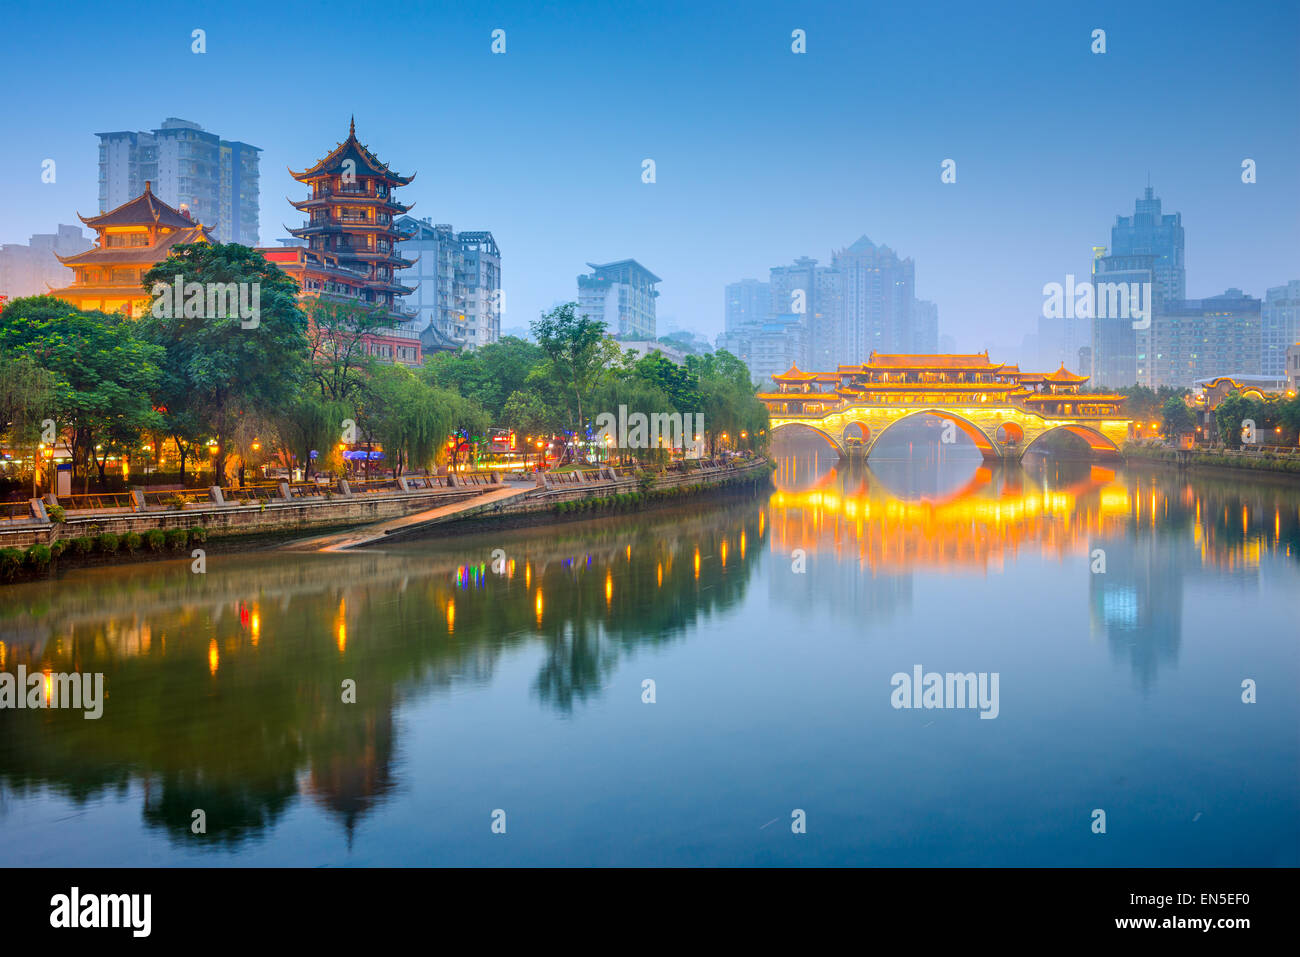 El horizonte de la ciudad de Chengdu, China sobre el río Jin con Anshun Bridge. Imagen De Stock